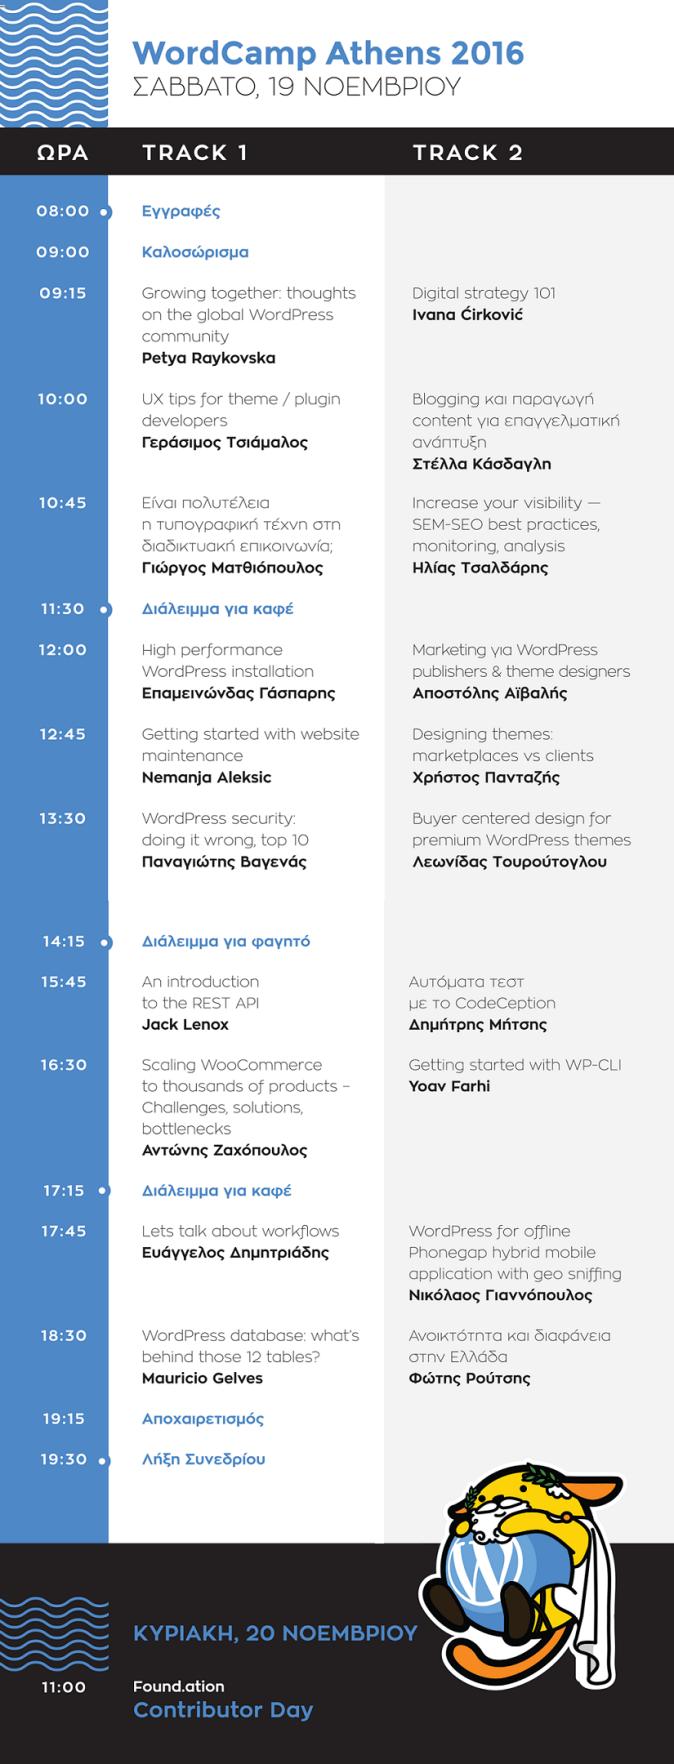 Το πρόγραμμα του WordCamp Athens